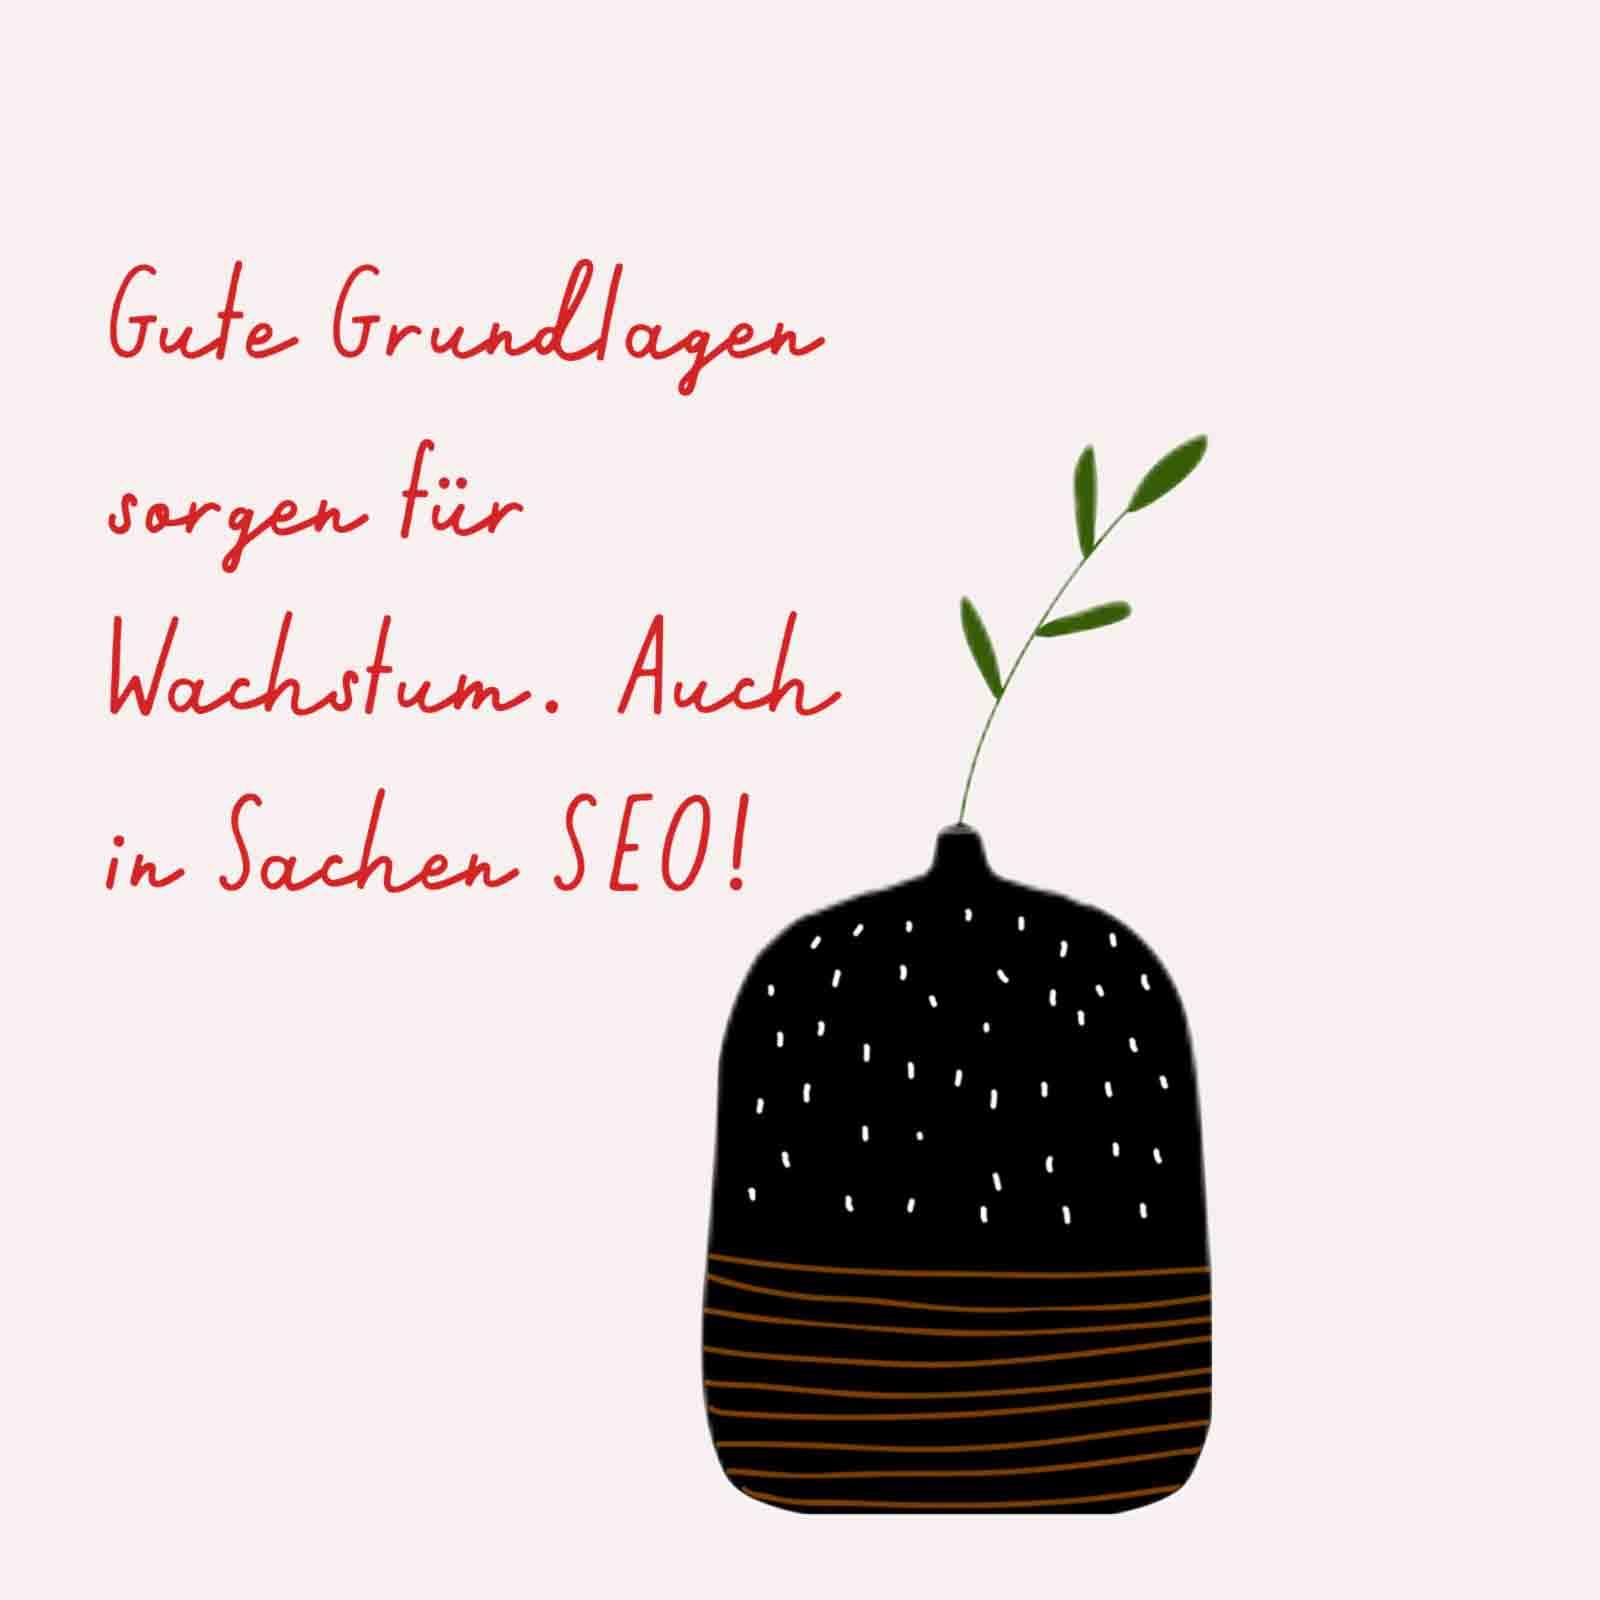 Eine gezeichnete Vase namens Google. Daneben stehen da noch Sätze mit mehr als einem Wort. Halt ein Text.